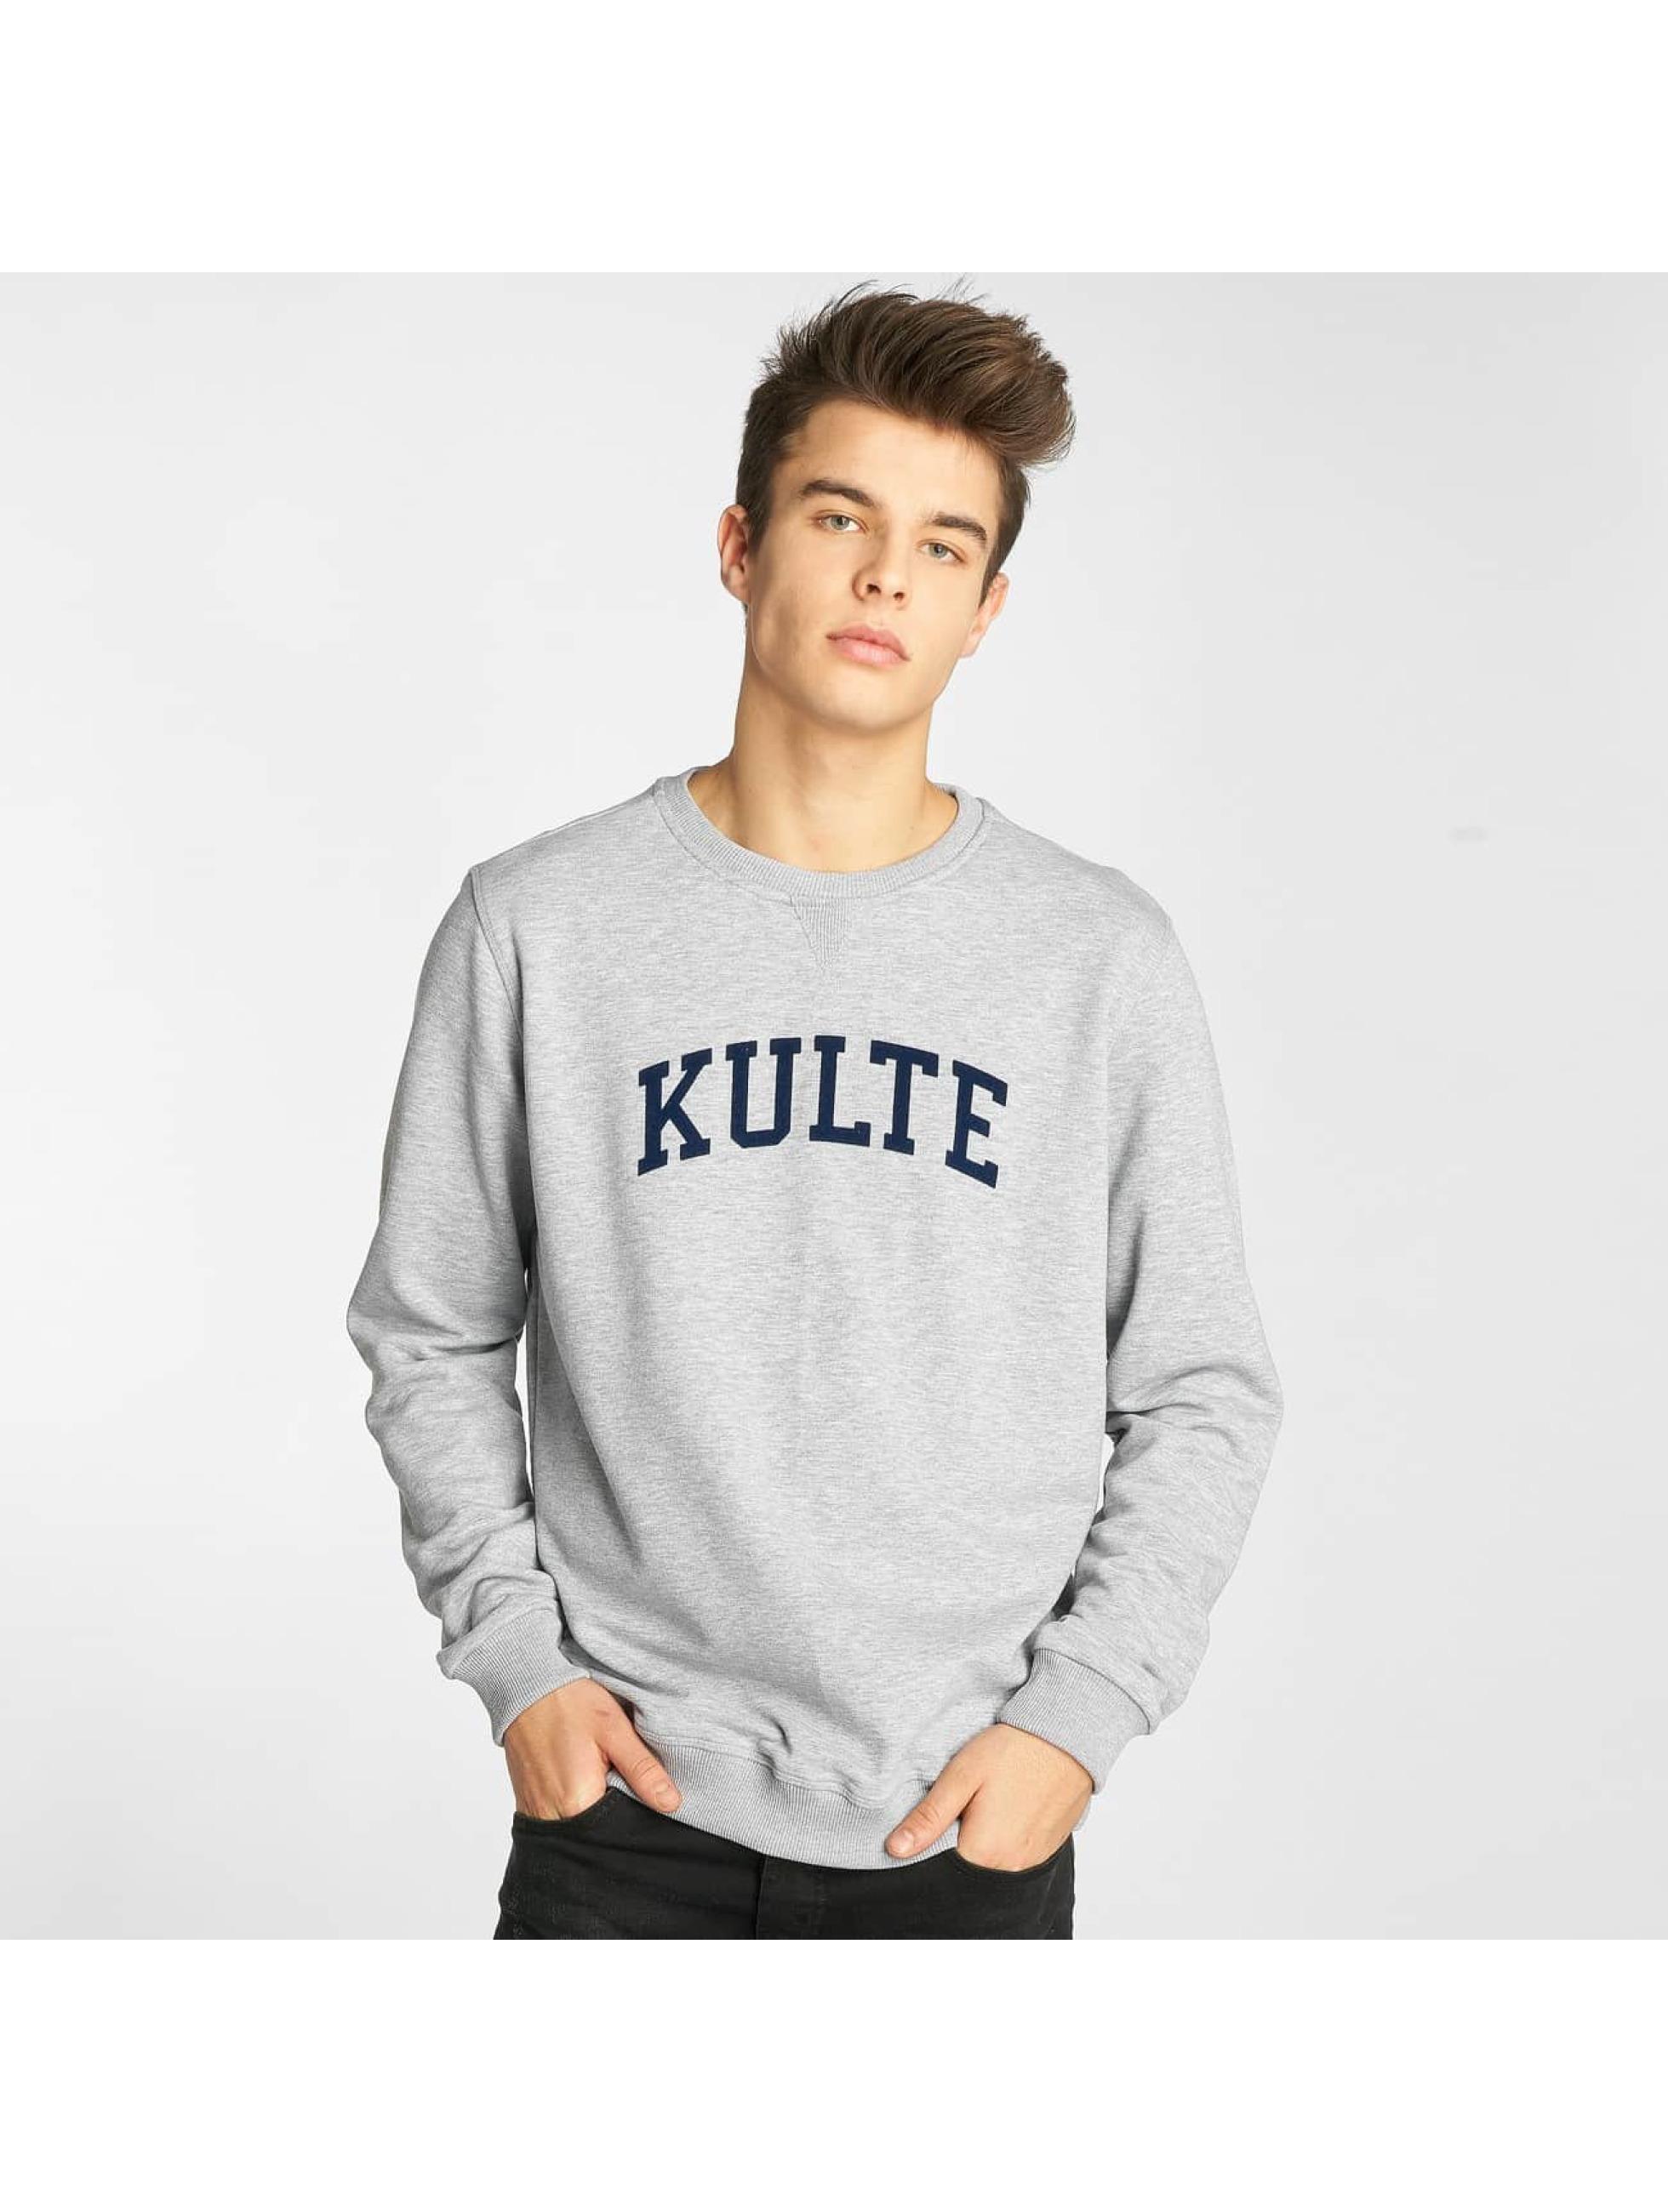 Kulte Pullover Corpo College grau